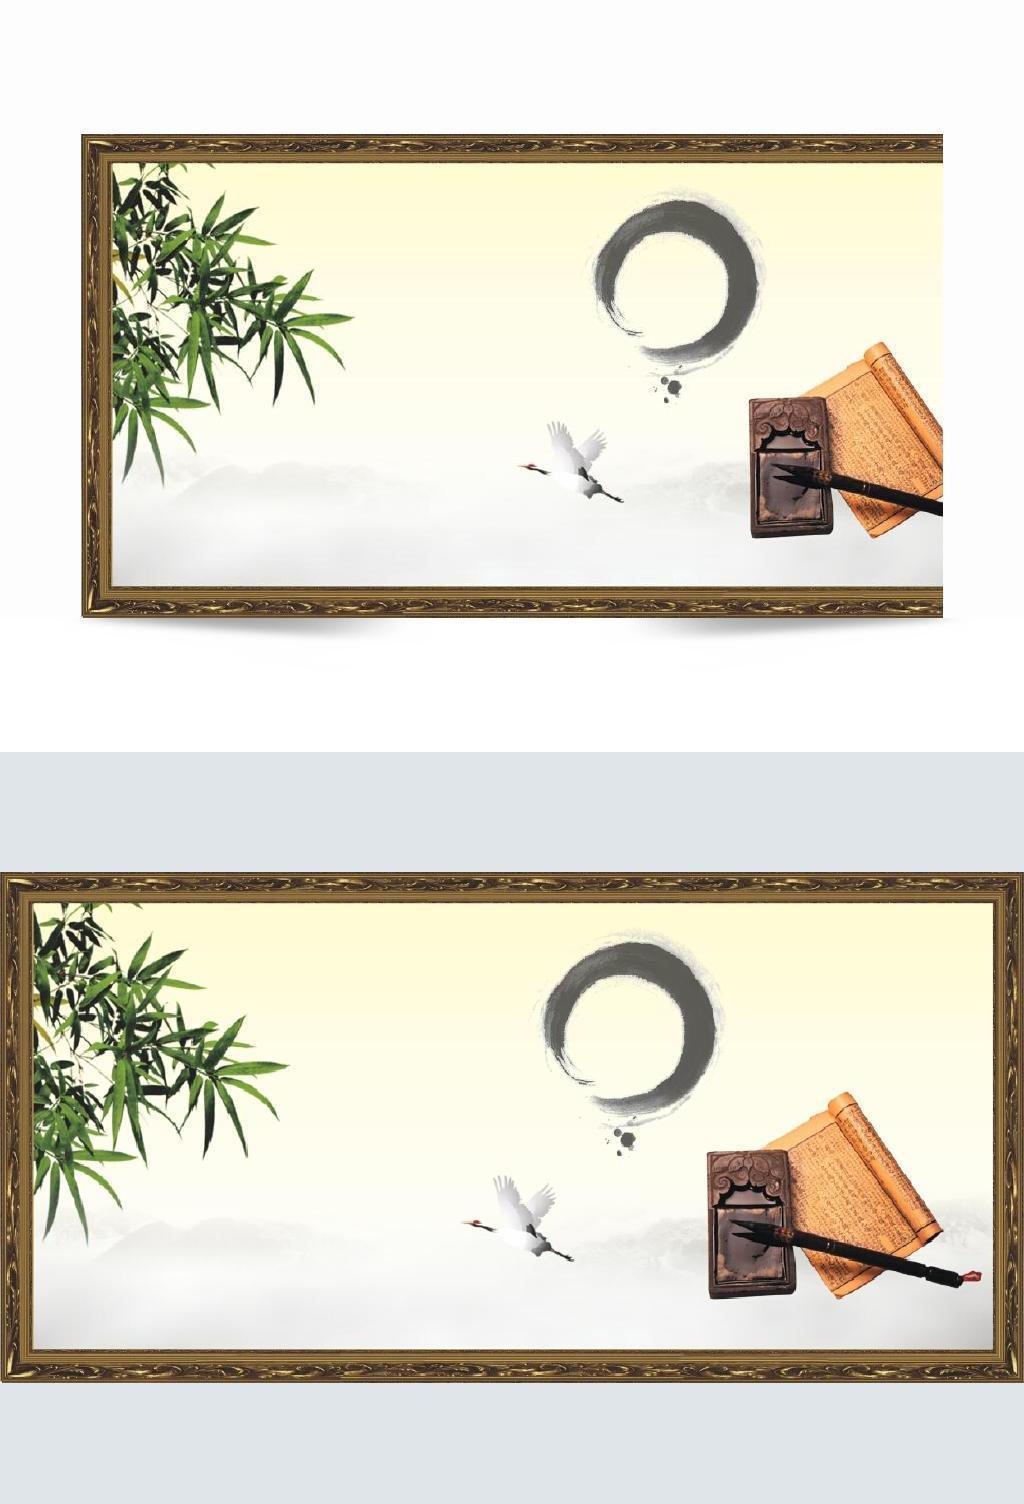 中国风书画背景图